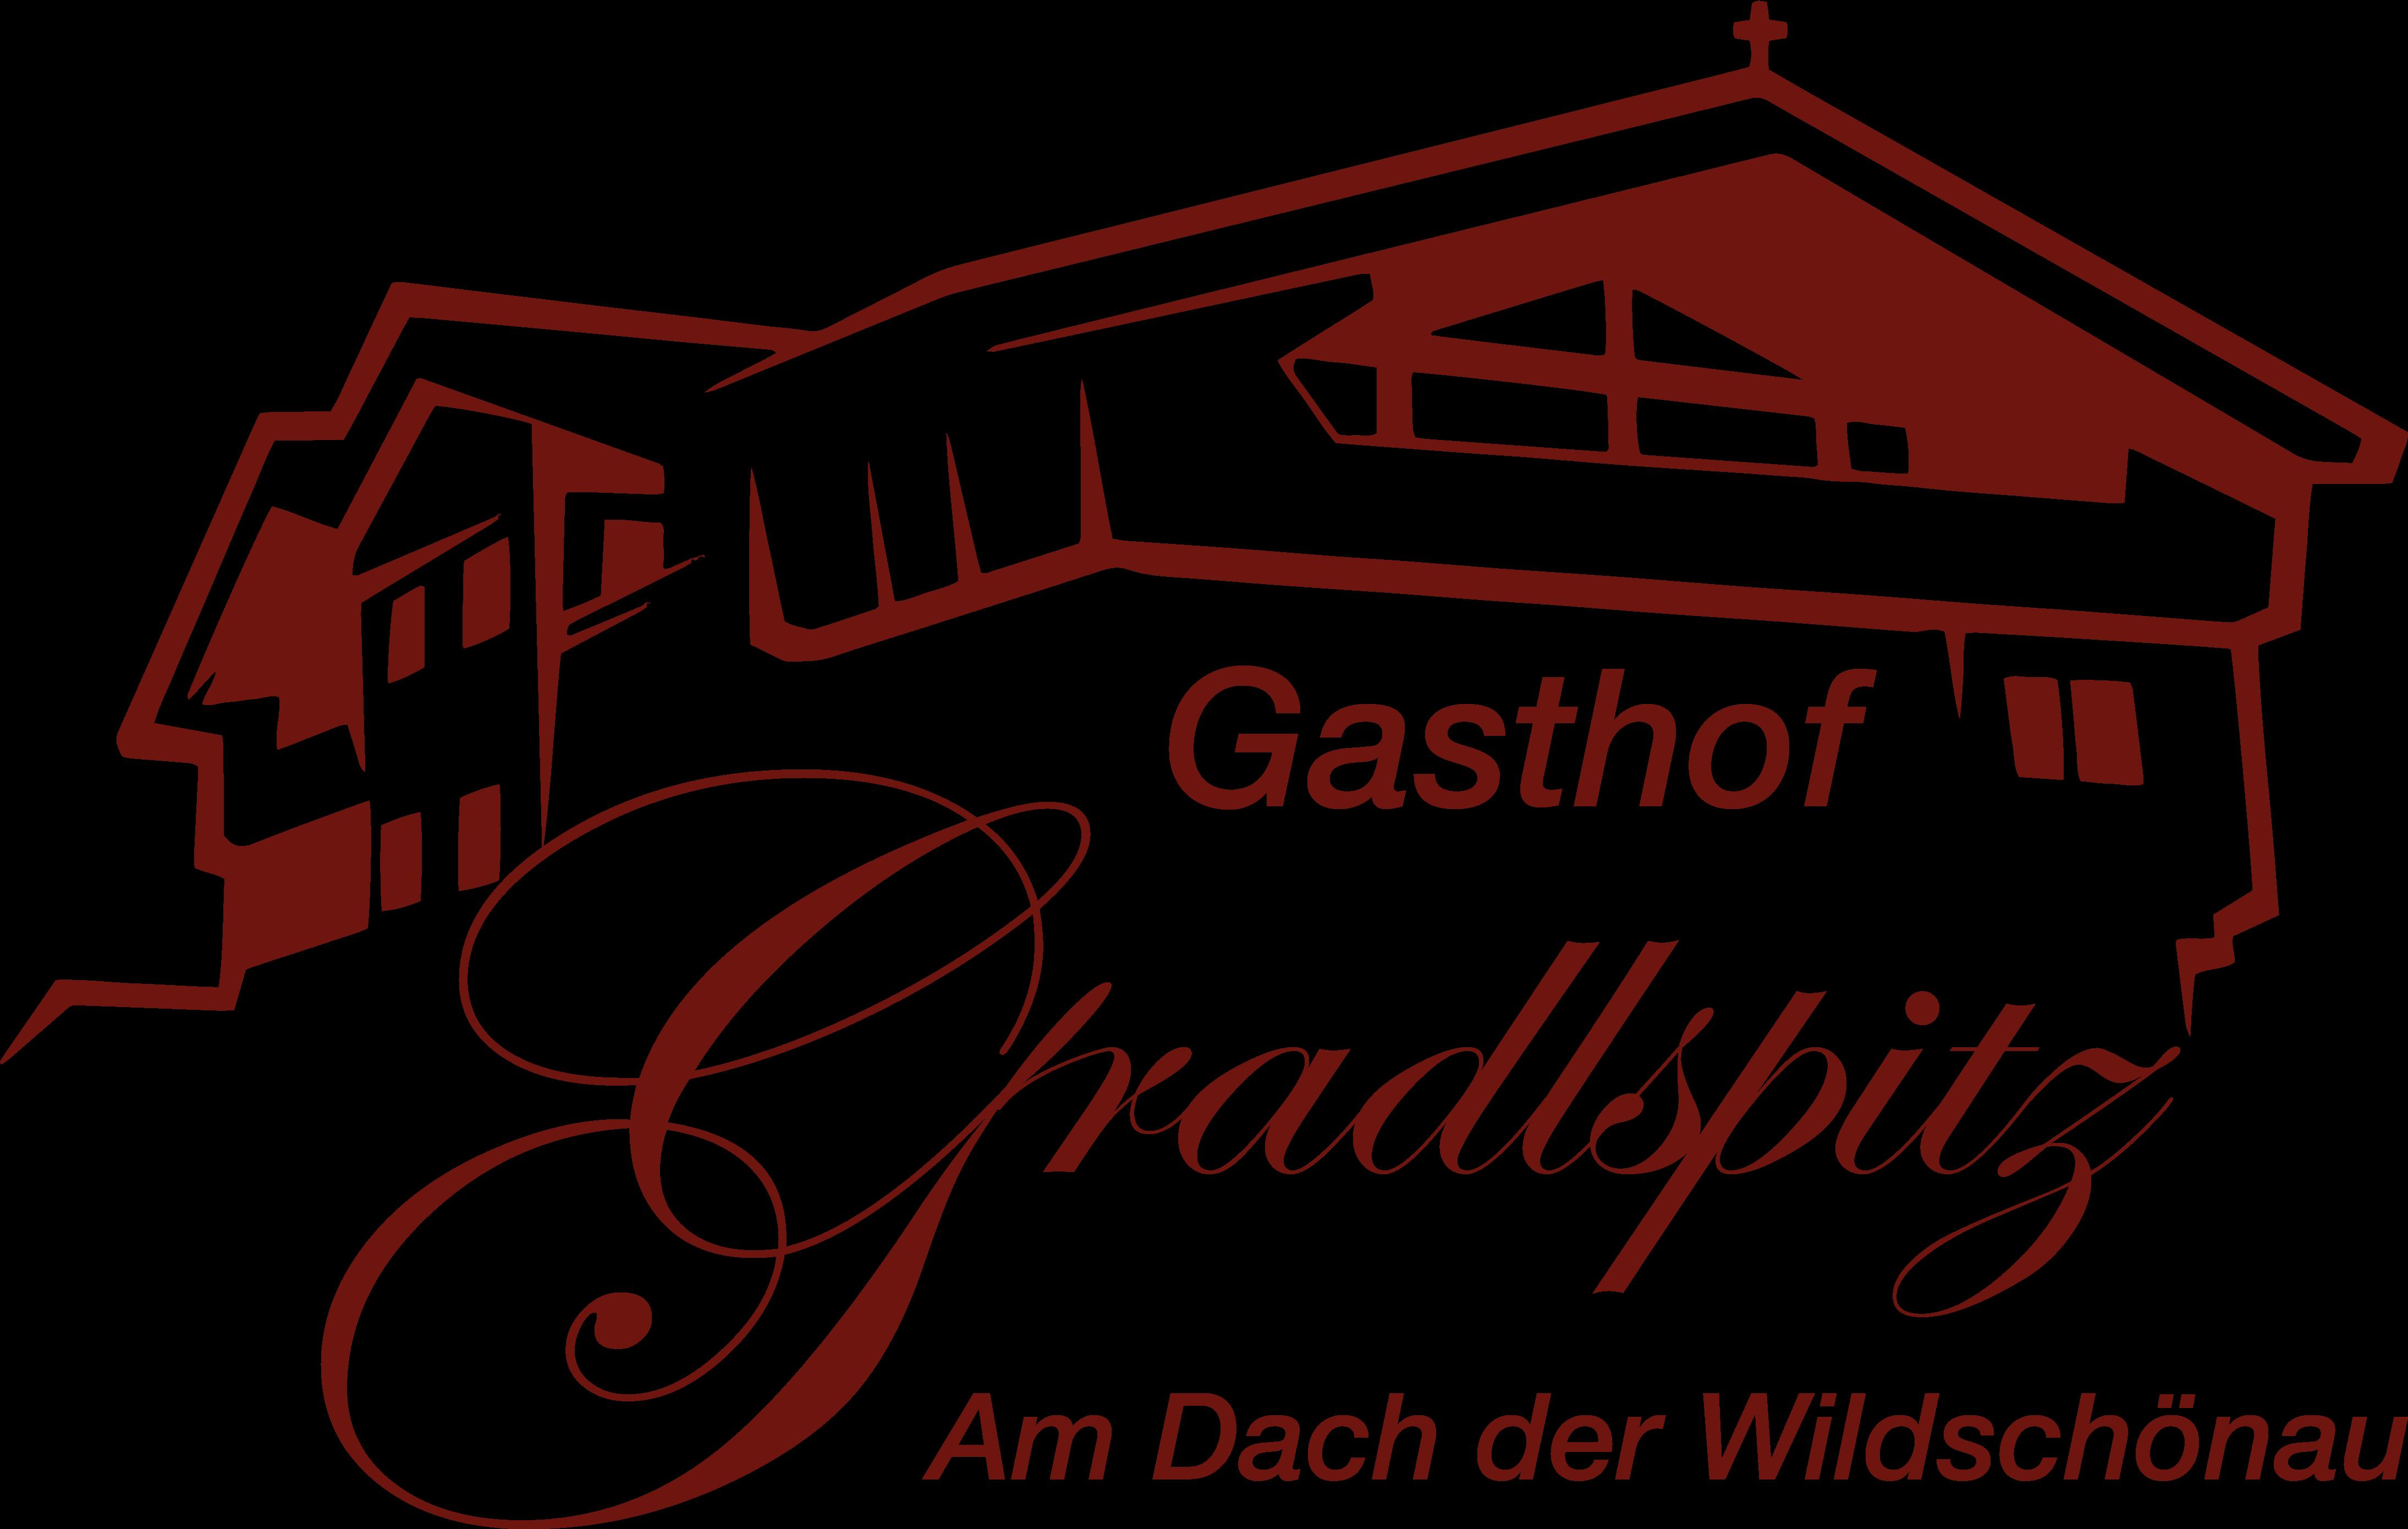 Gasthof Gradlspitz Logo